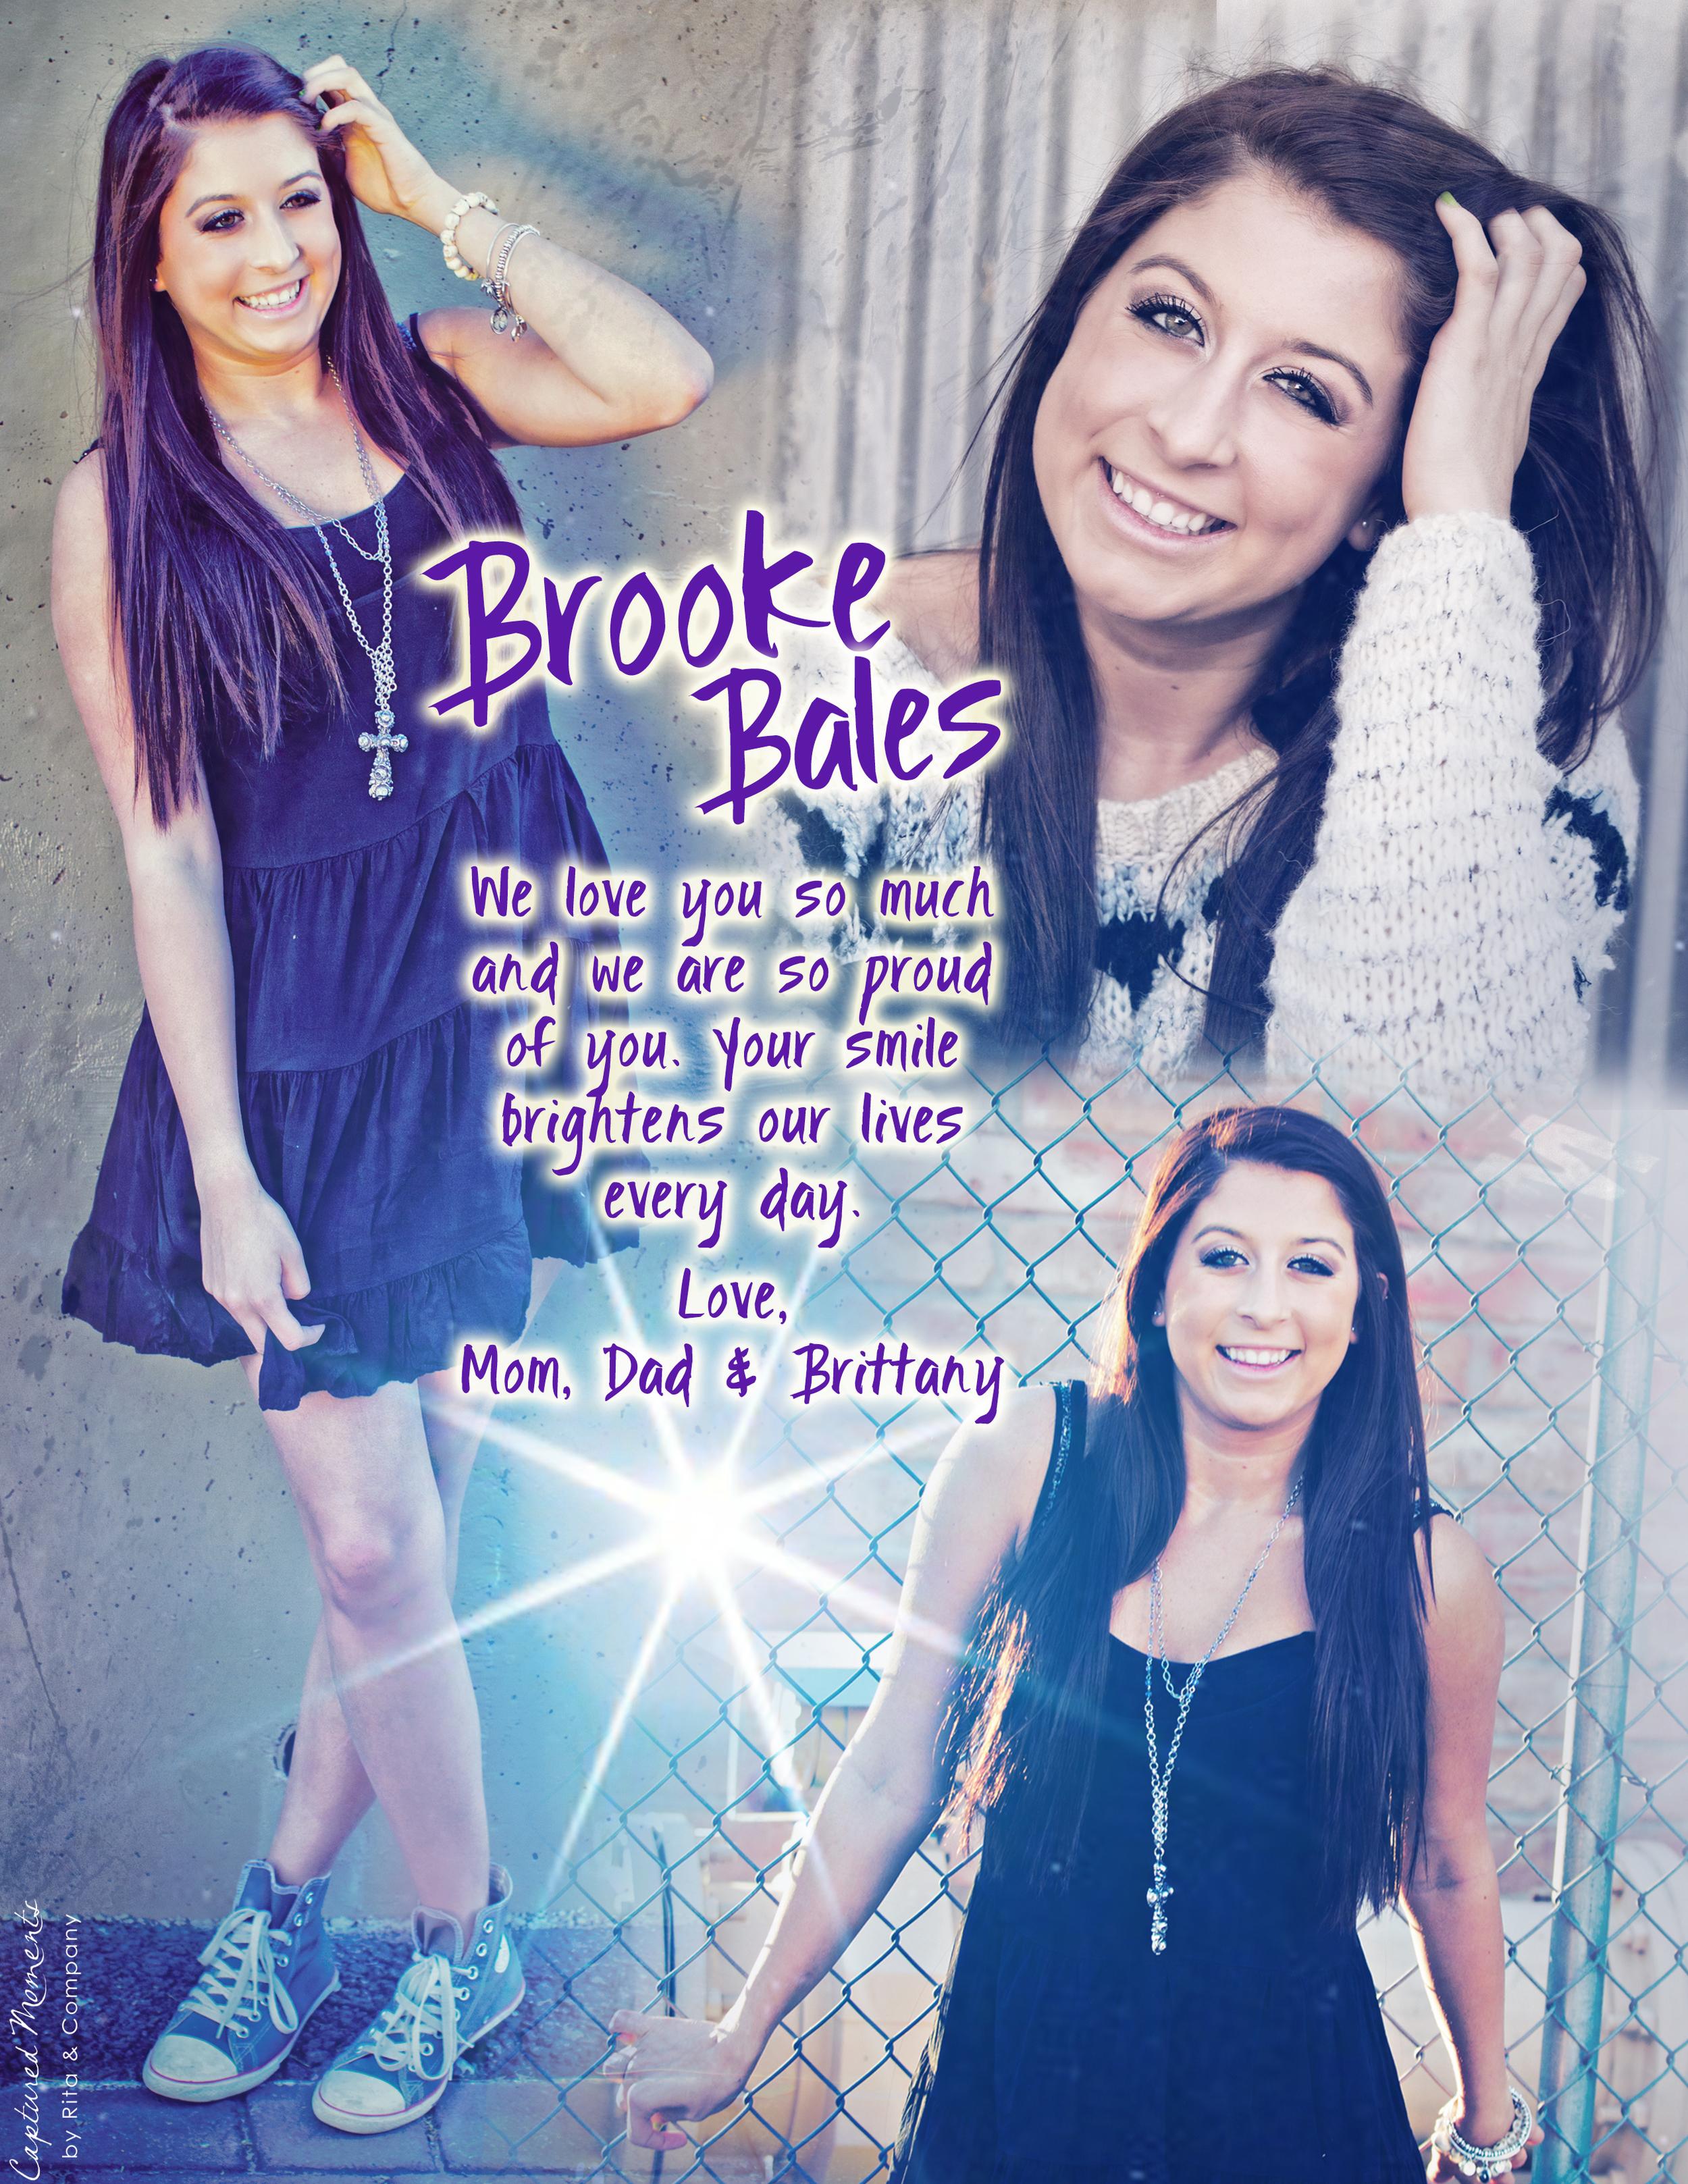 Brooke Bales